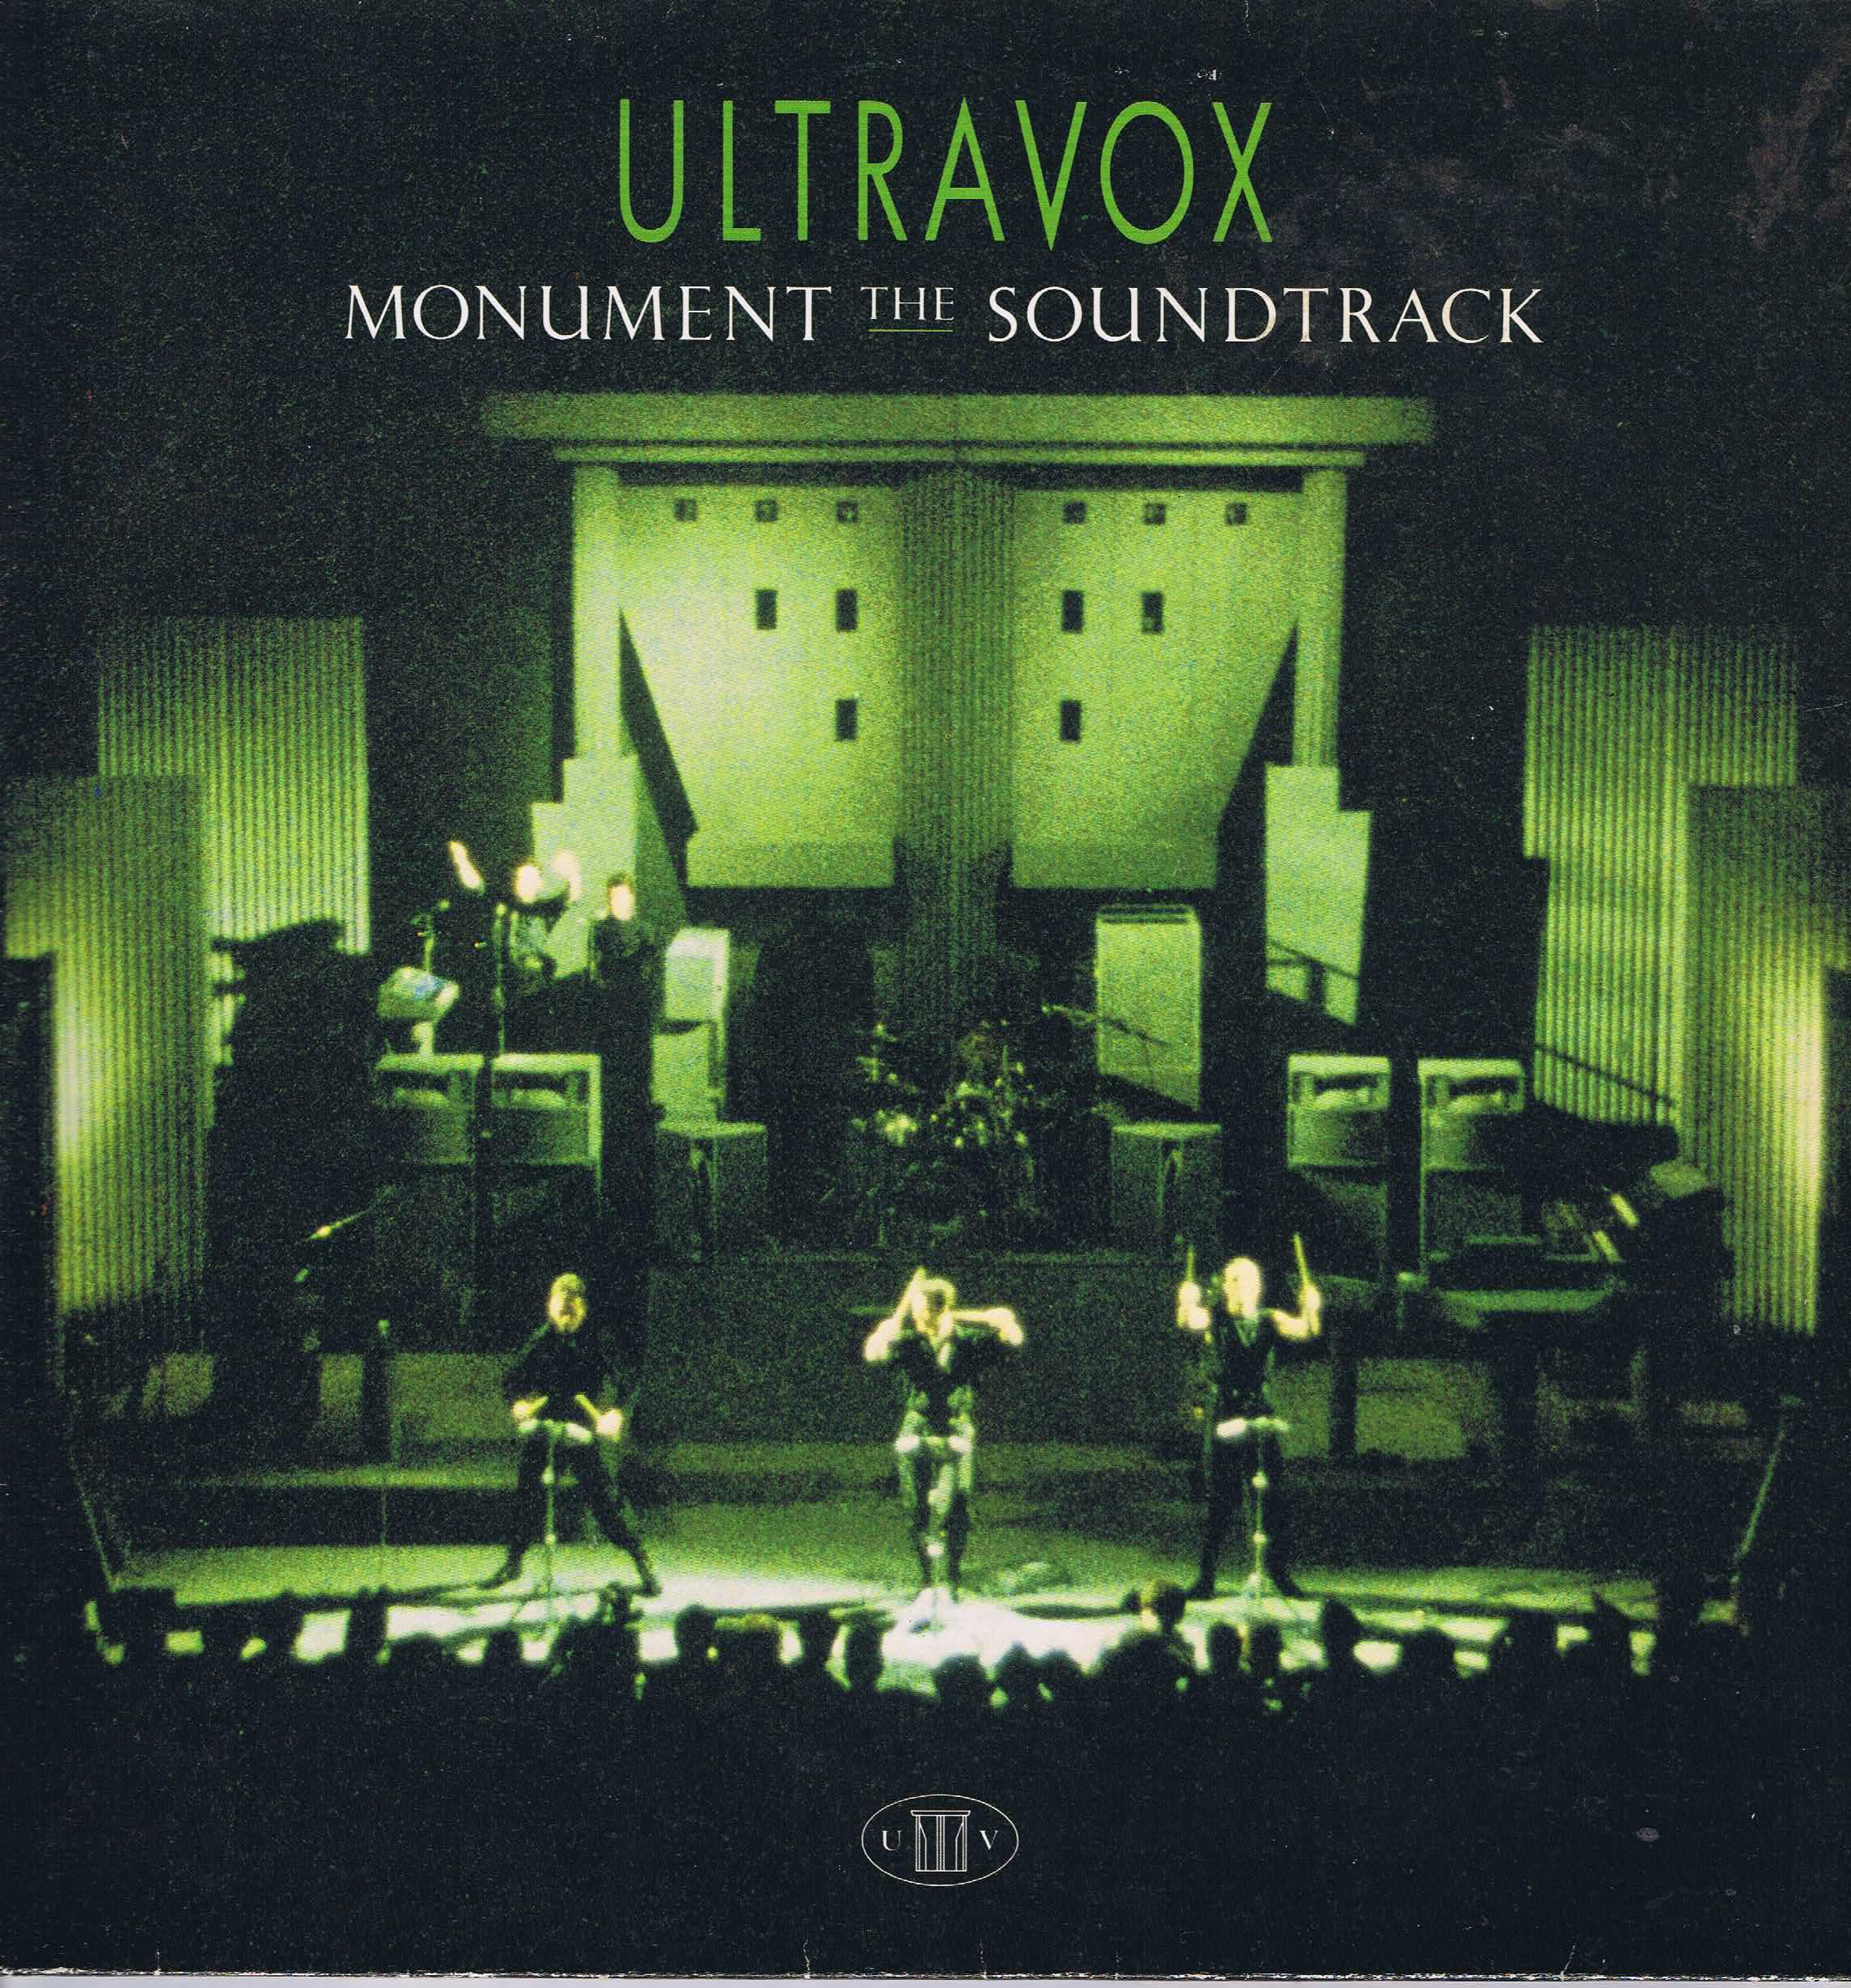 Ultravox Monument The Soundtrack Cux 1452 Lp Vinyl